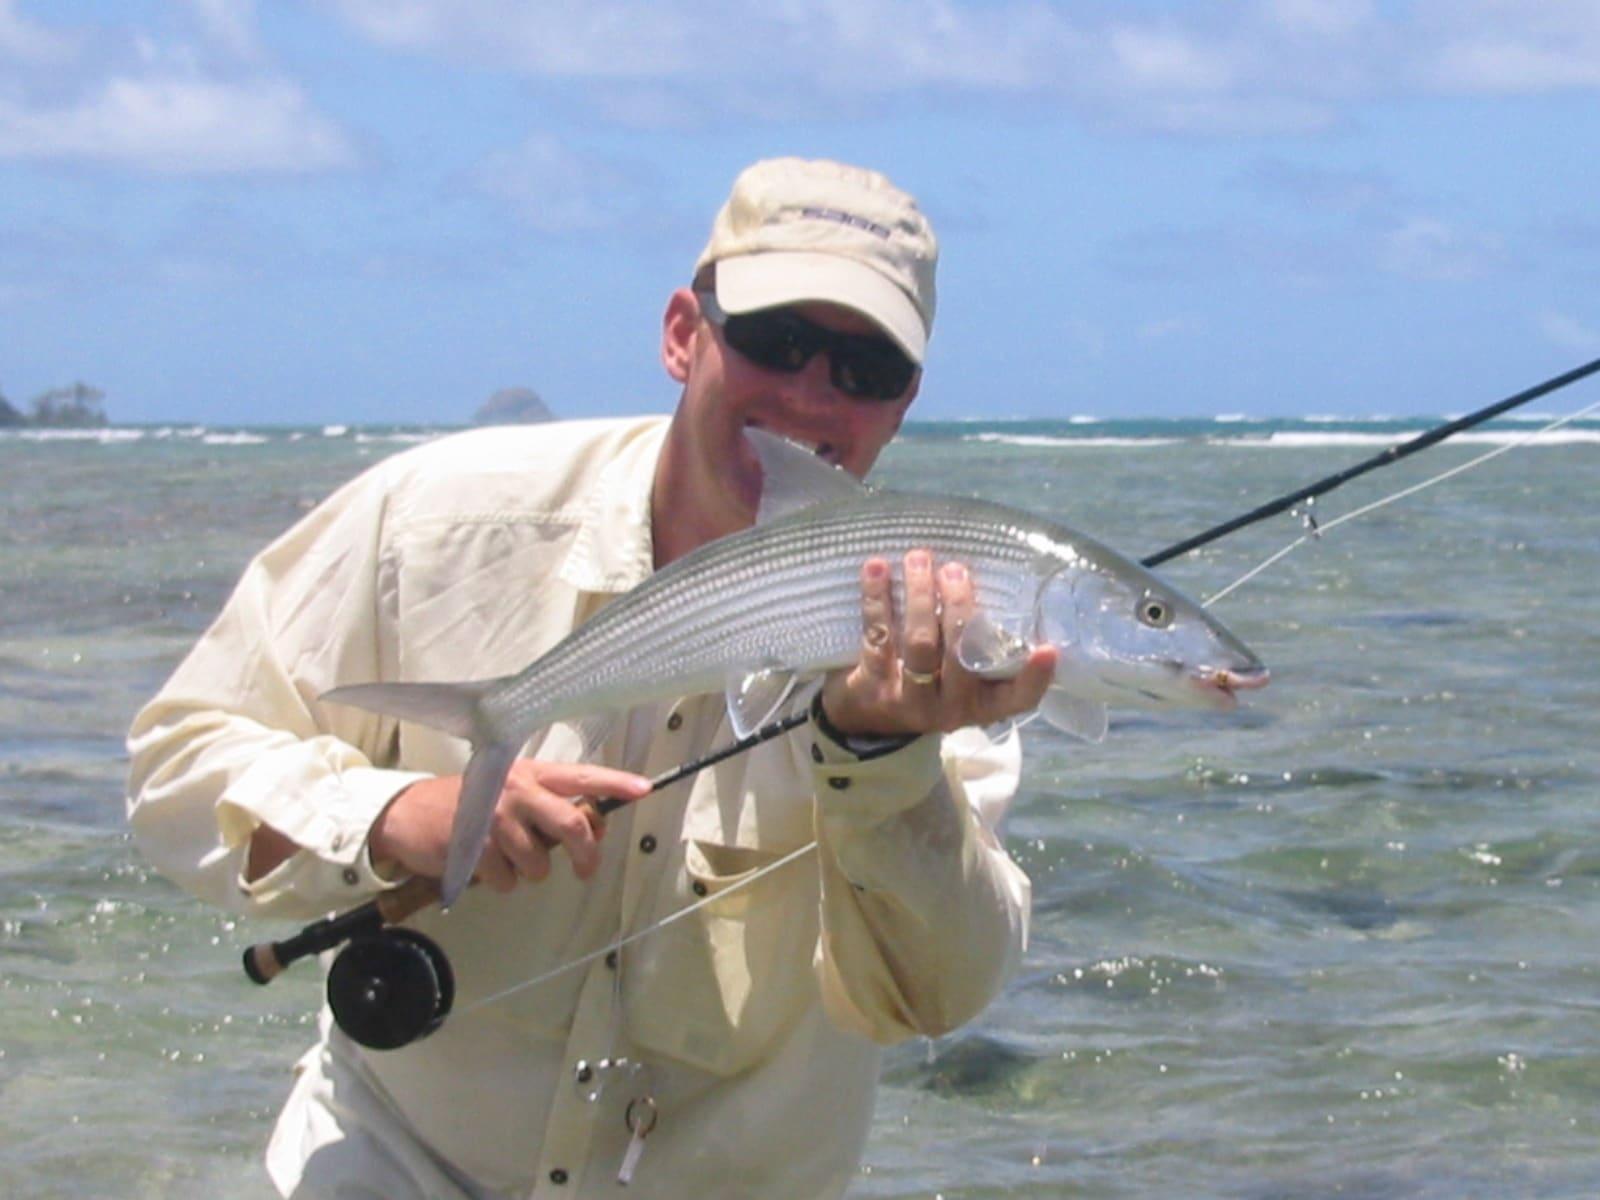 Fly fishing in hawaii bonefish hawaii for Bonefish fly fishing